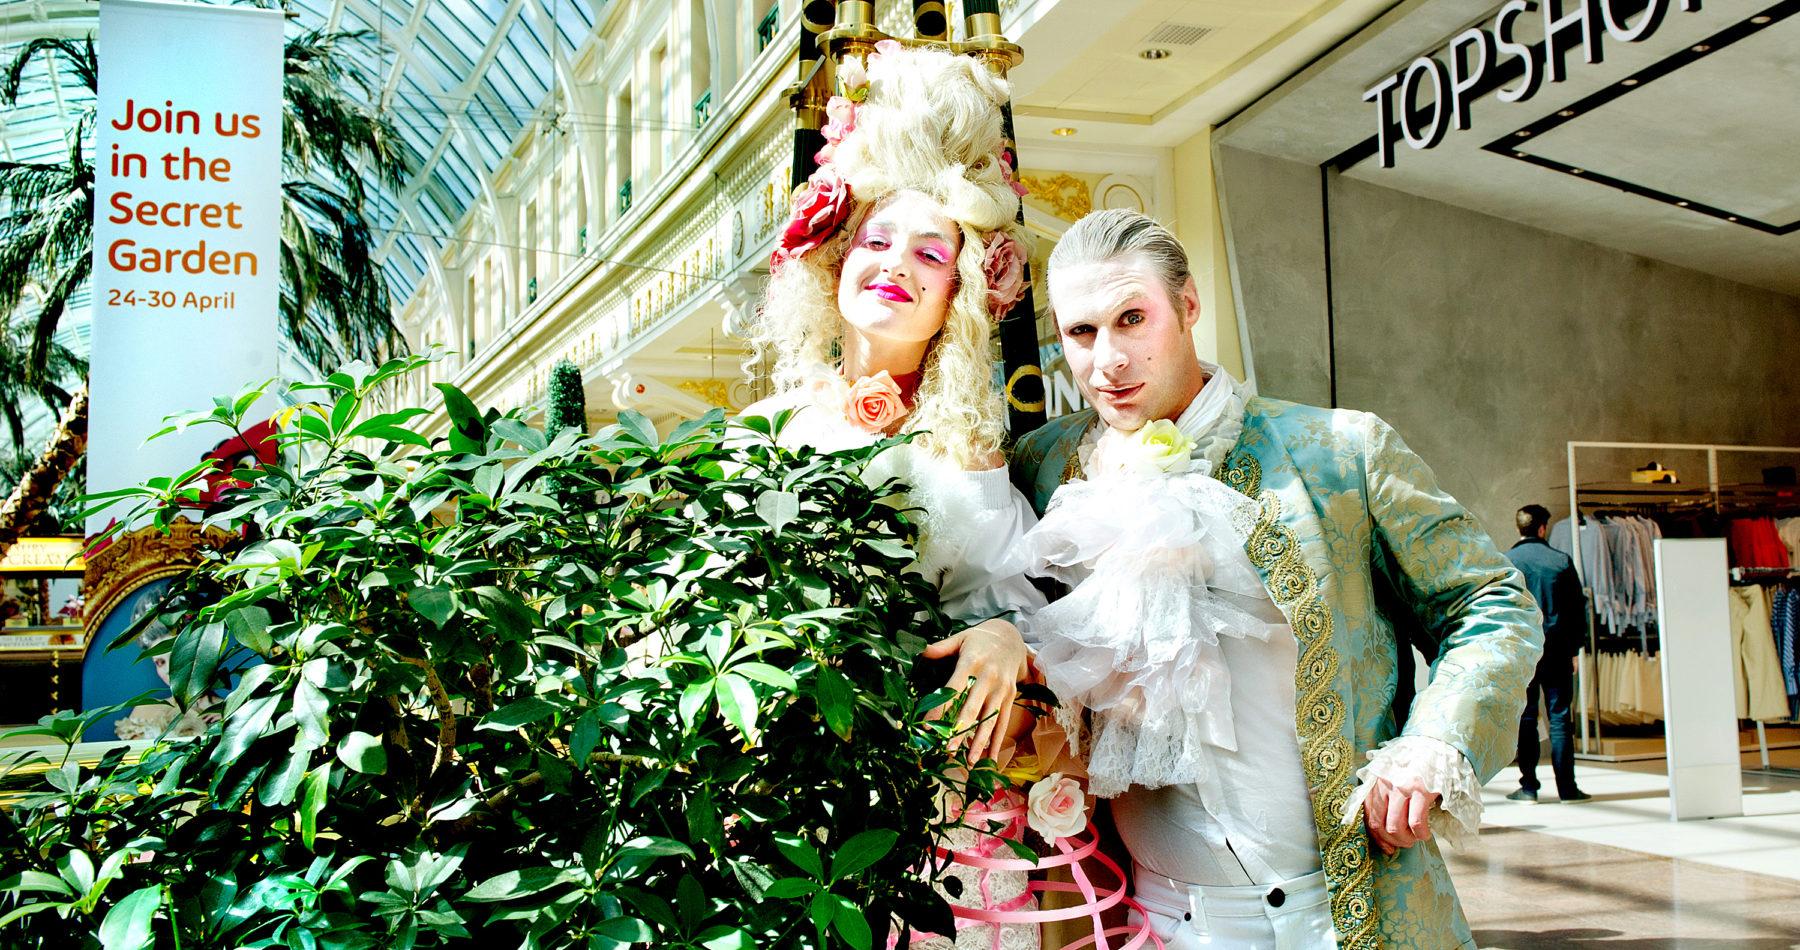 Secret Garden Performers